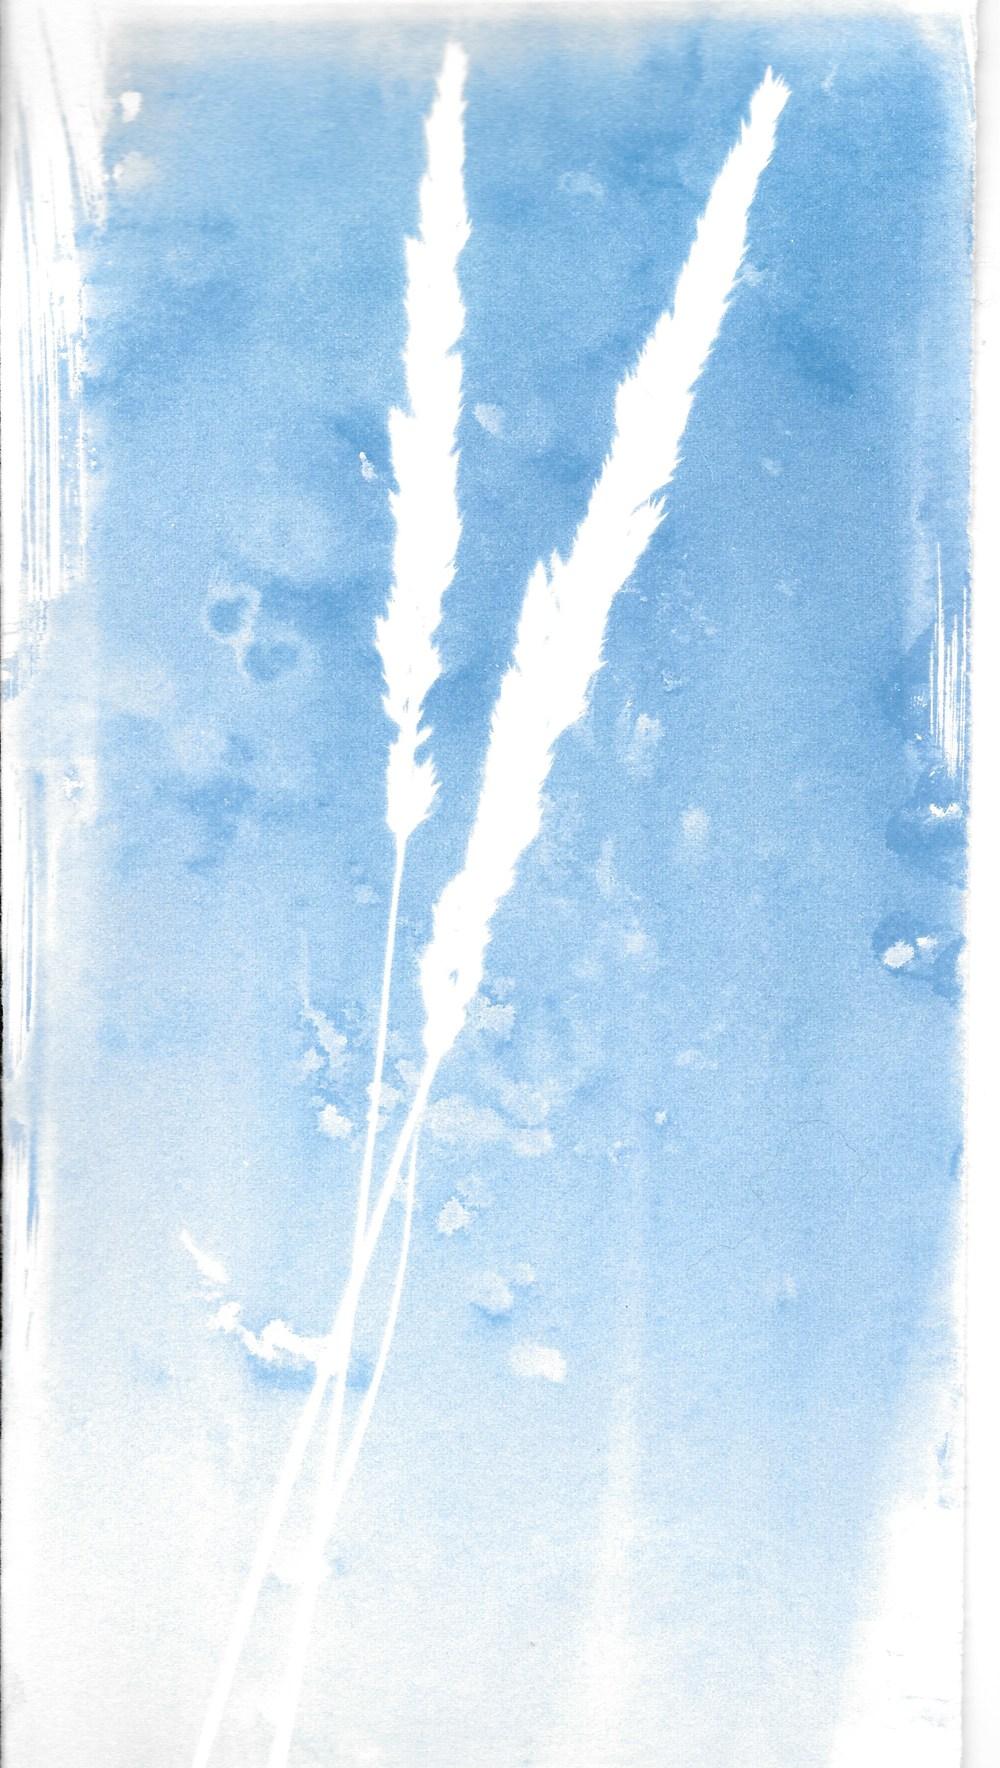 cyanotype 3.jpeg